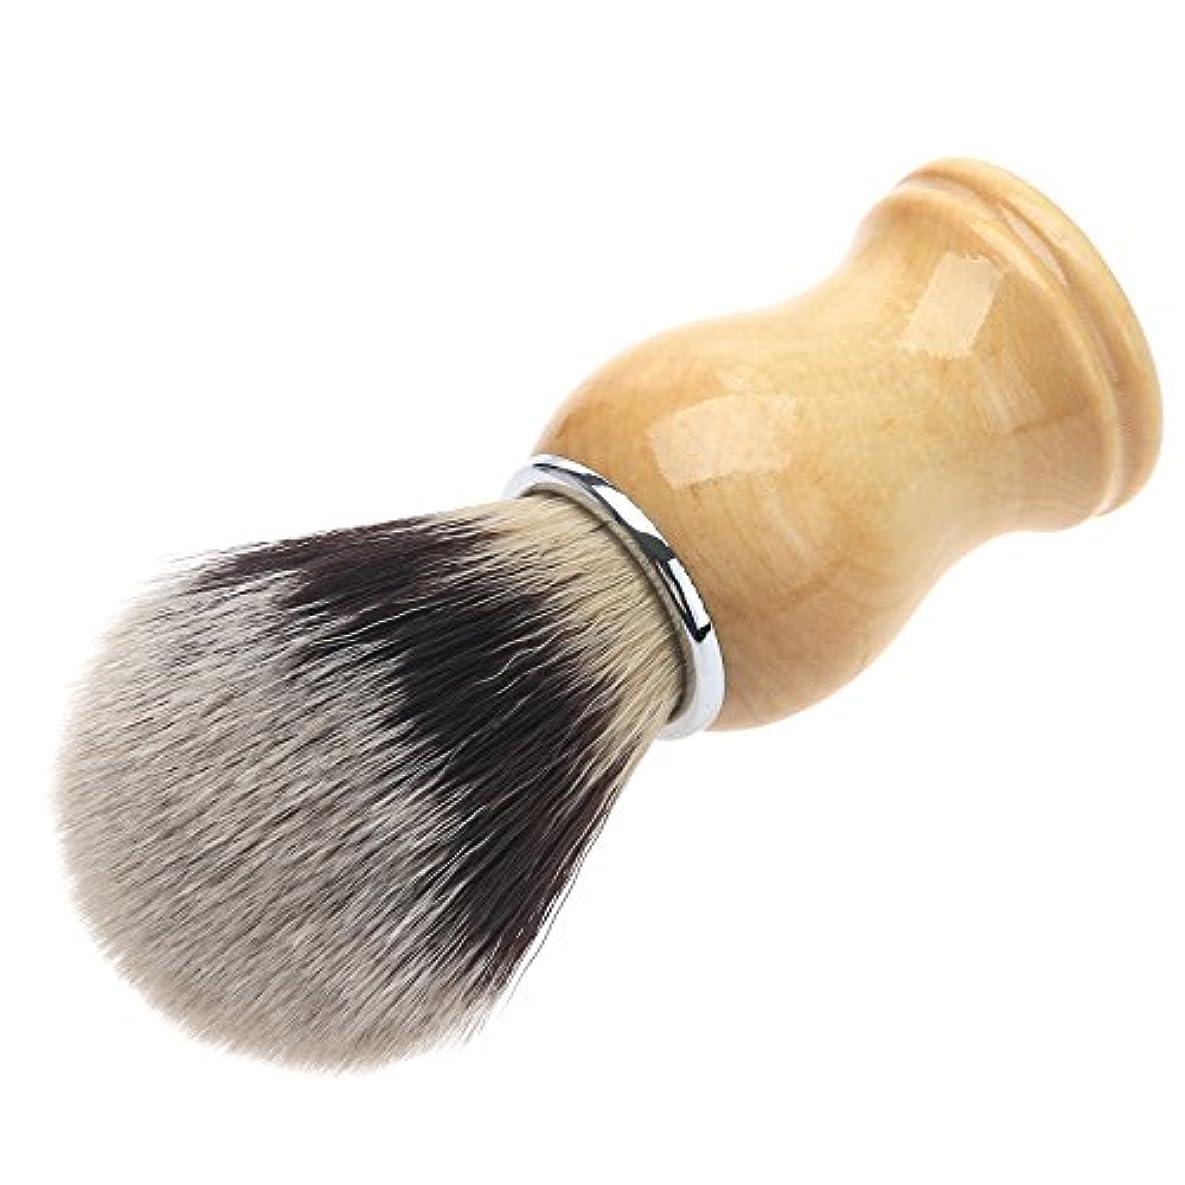 演じる誇りに思うありそうメンズ用 髭剃り ブラシ シェービングブラシ 木製ハンドル 男性 ギフト理容 洗顔 髭剃り